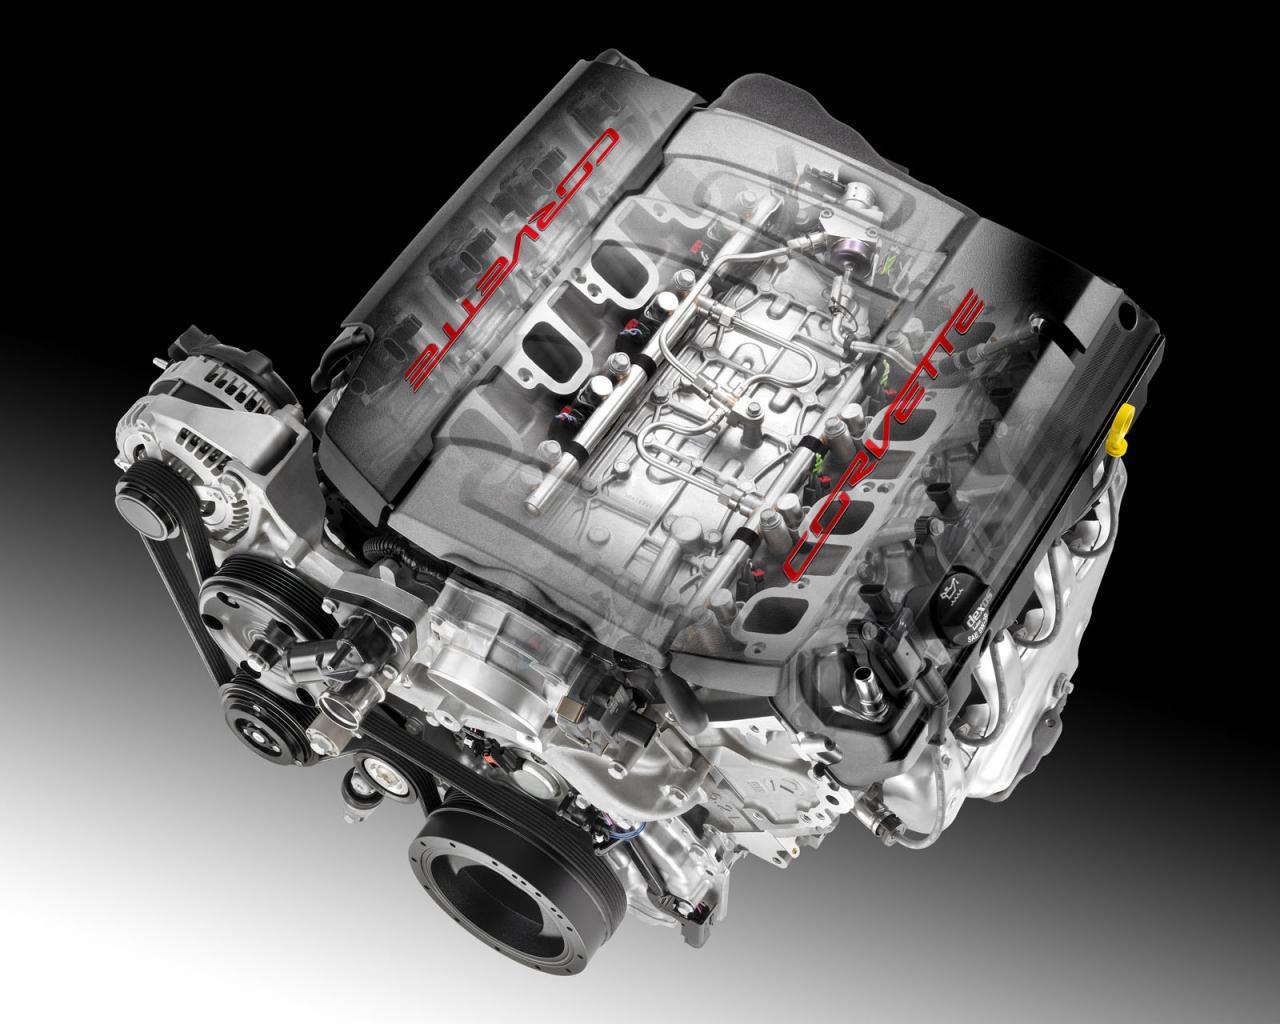 6.2 Liter Chevy Engine